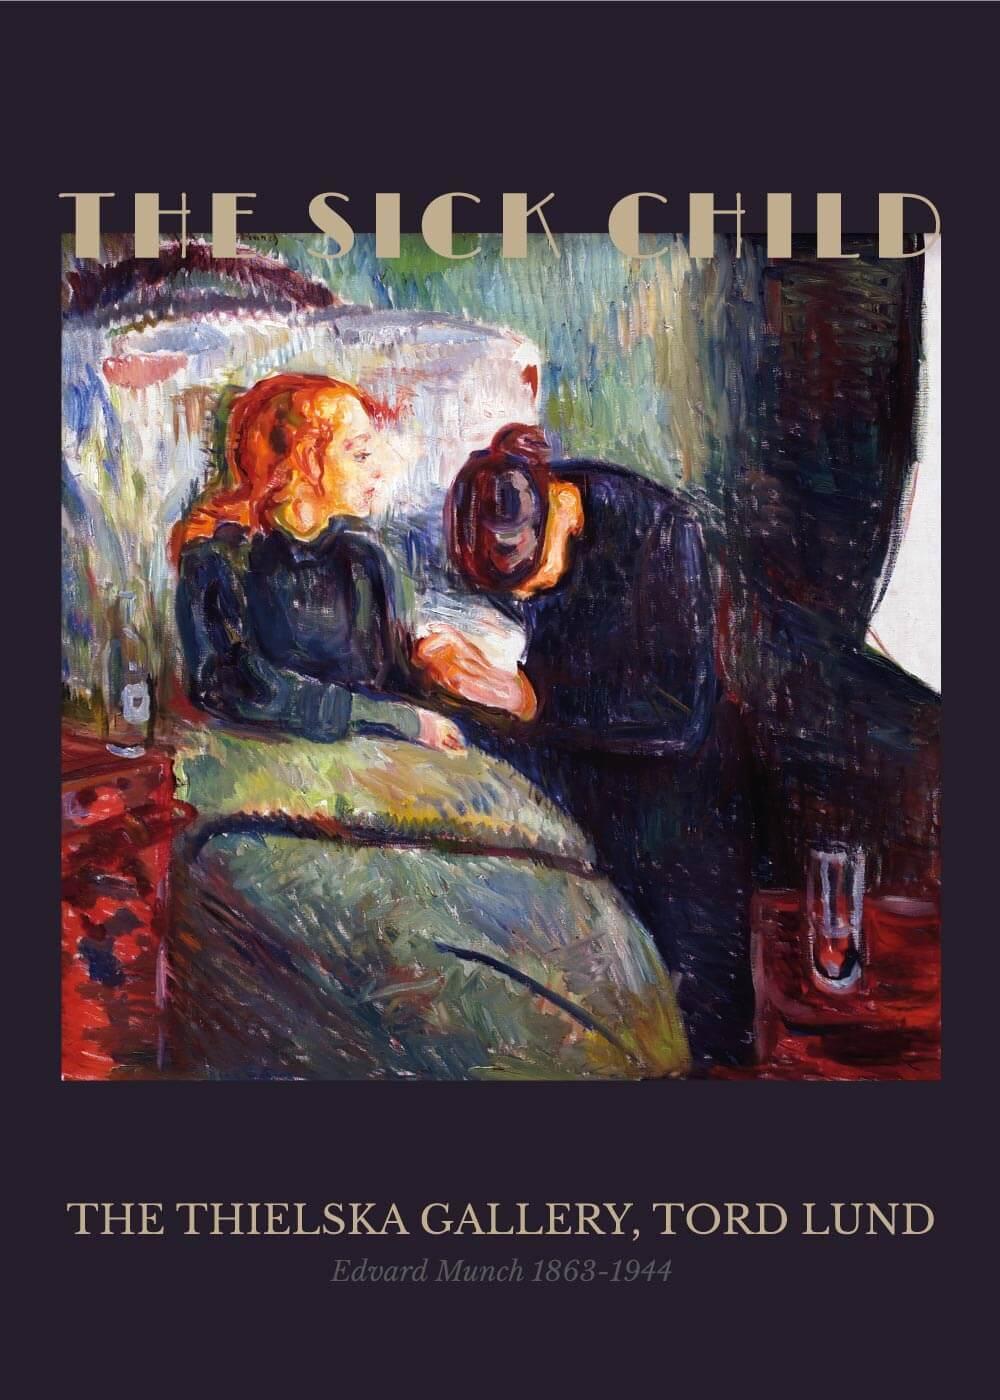 Billede af The sick child - Edvard Munch